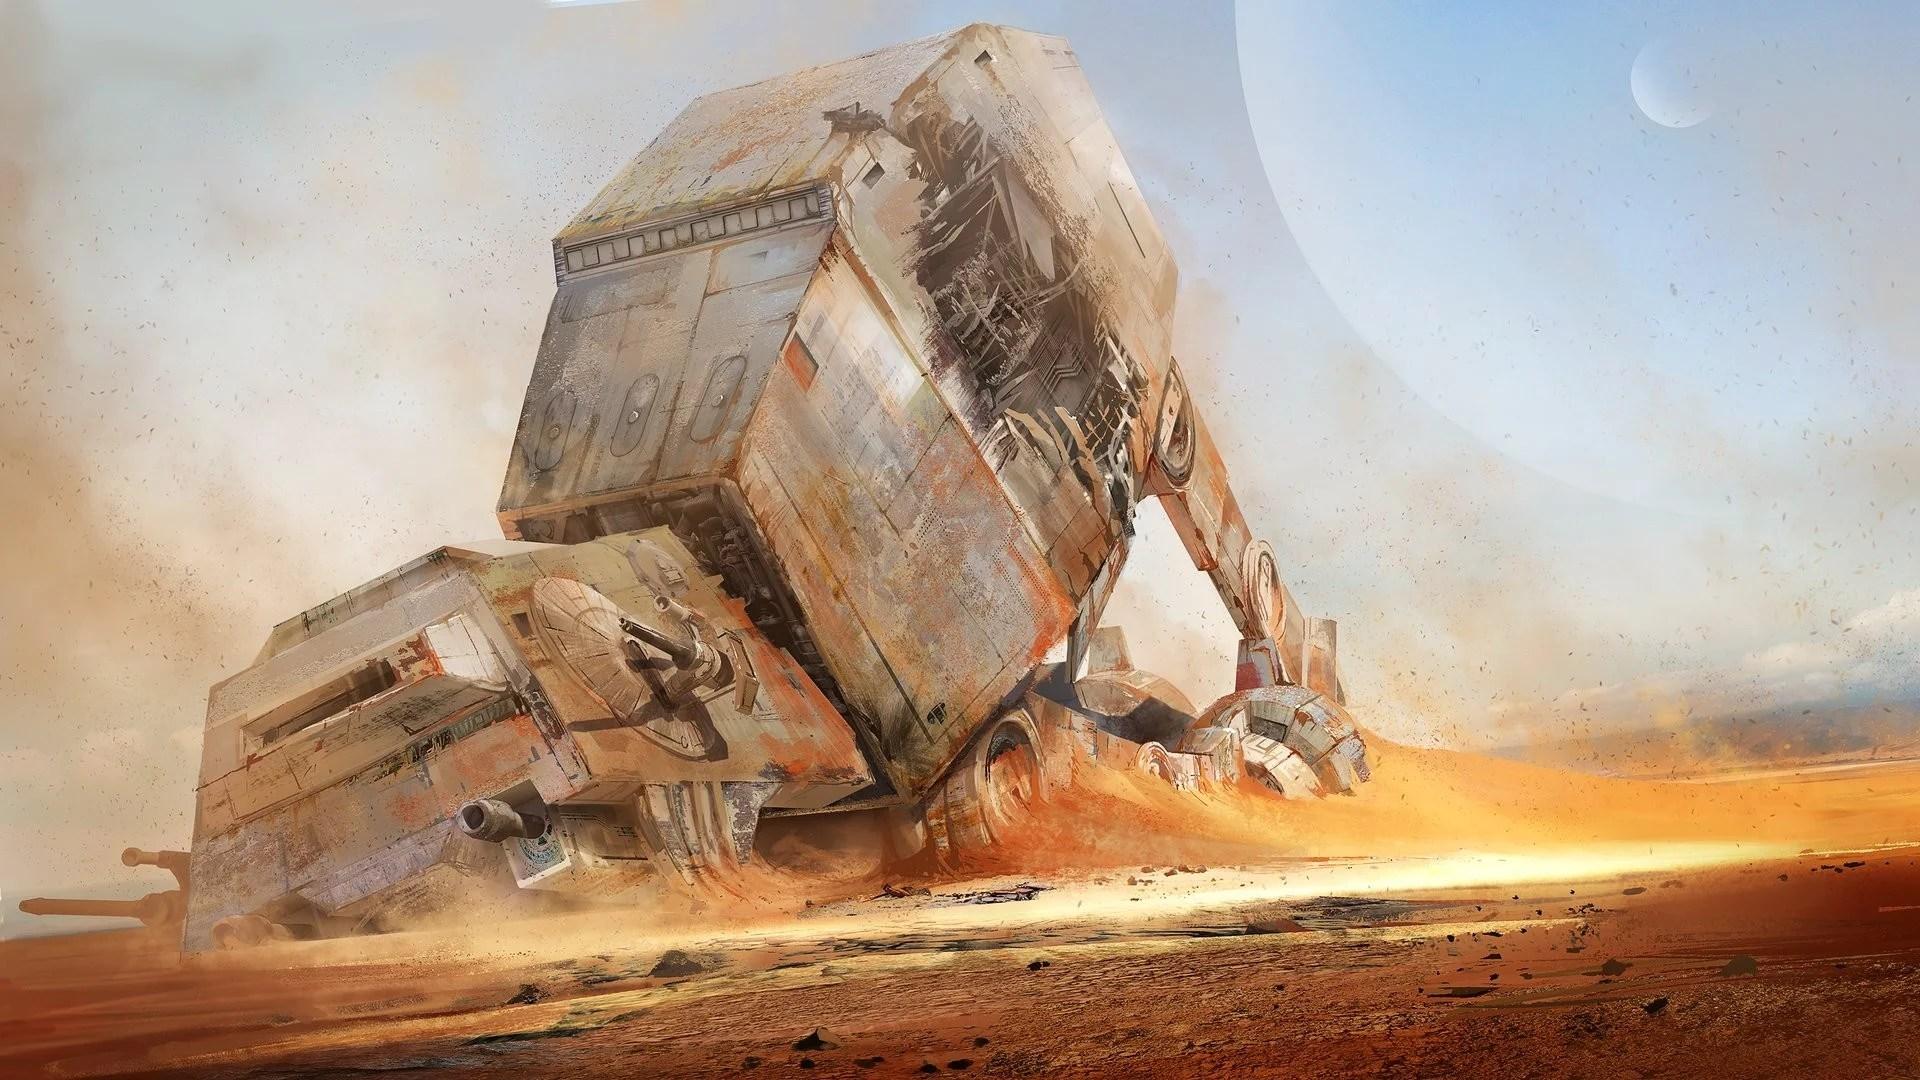 Comment personnaliser son smartphone aux couleurs de Star Wars 7 : Le Réveil de la Force ?